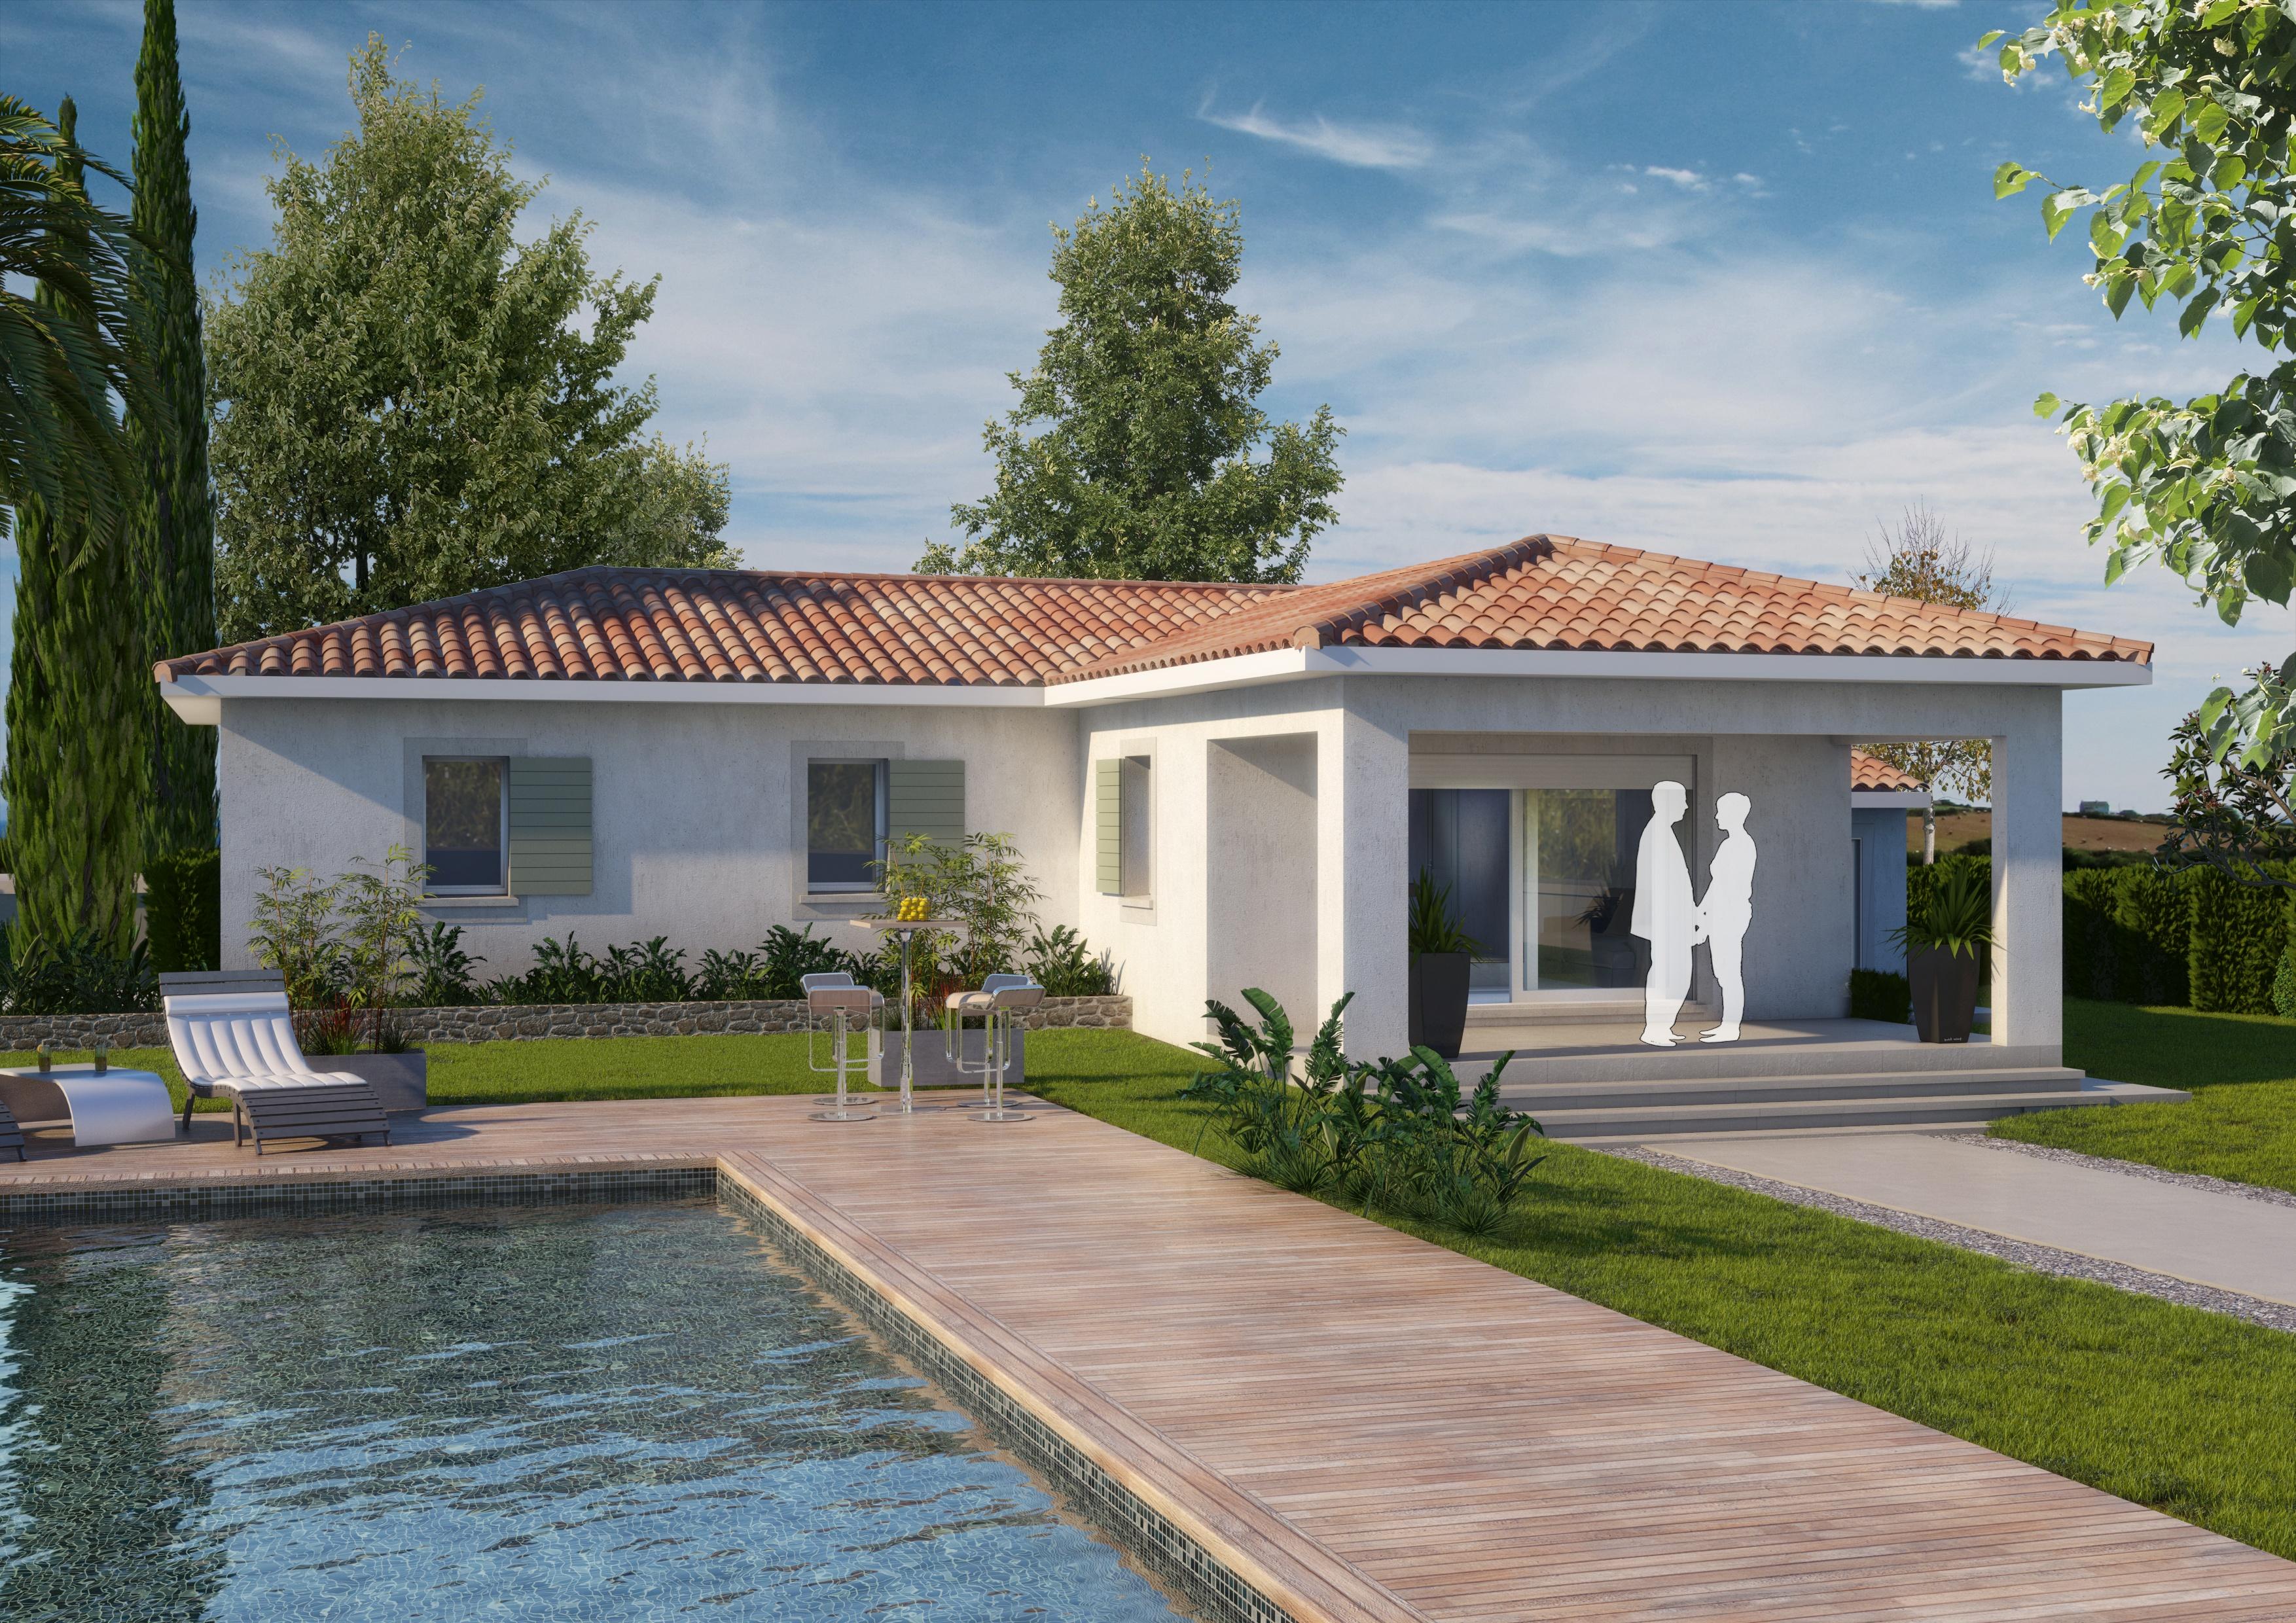 Maisons + Terrains du constructeur ART ET TRADITIONS MEDITERRANEE • 100 m² • SAINT JULIEN DE PEYROLAS